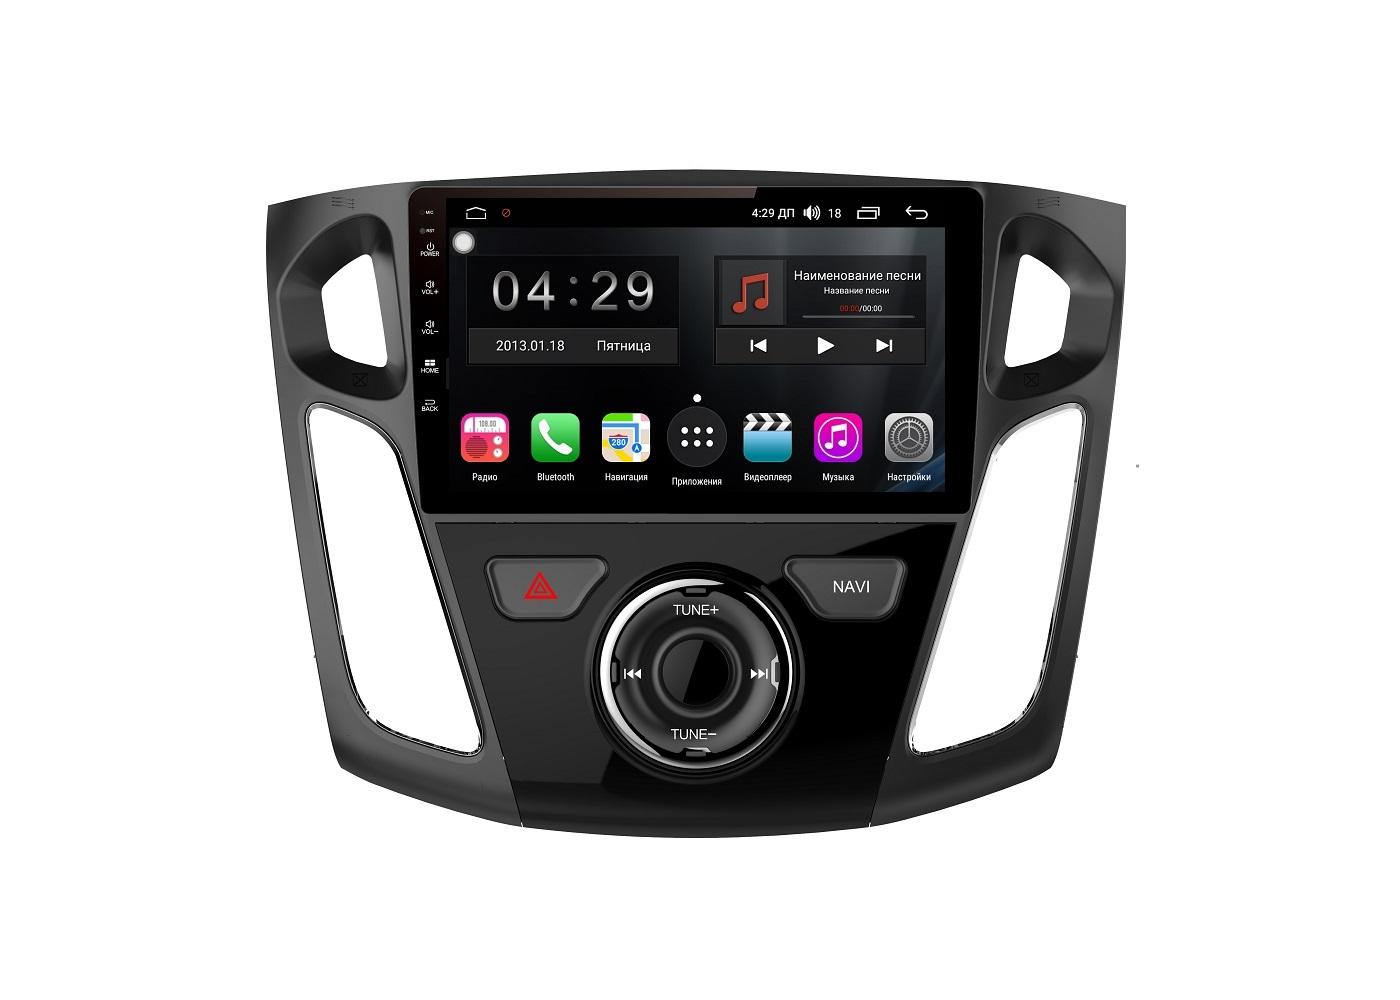 Штатная магнитола FarCar s300-SIM 4G для Ford Focus 3 2015+ на Android (RG150/501R) (+ Камера заднего вида в подарок!)